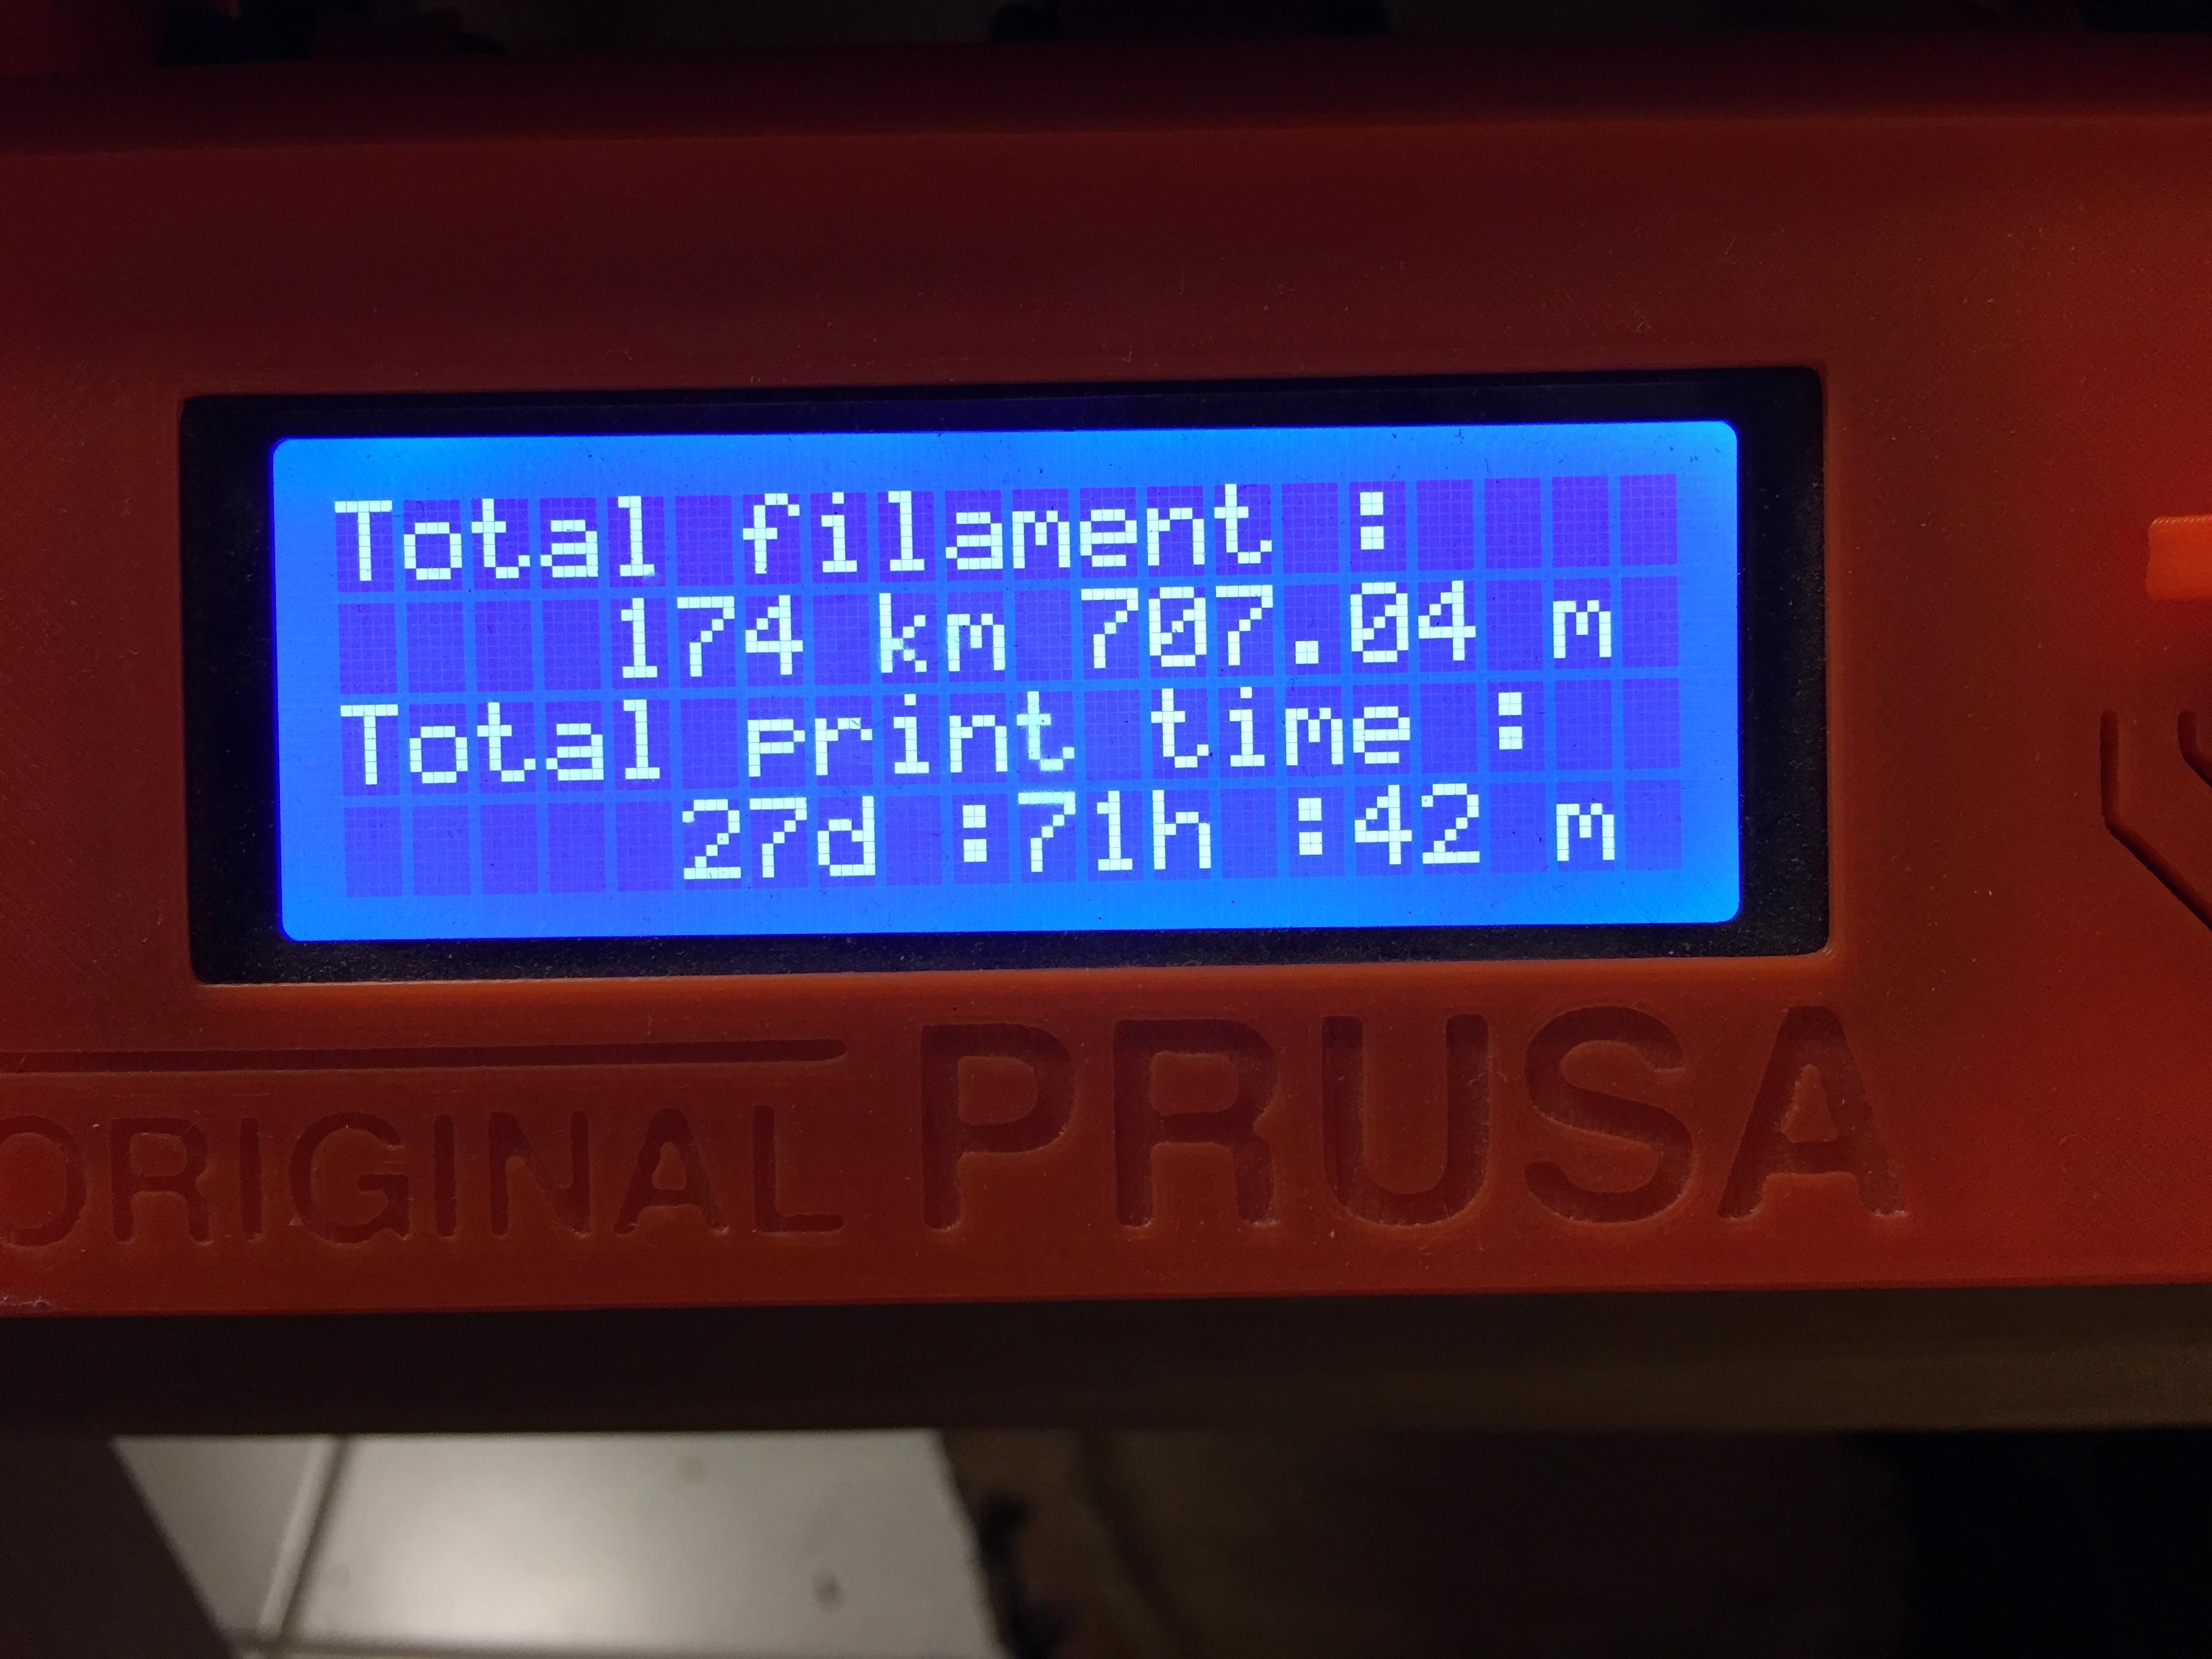 Prusa i3 MK2 Replacement Parts - 3D Printing / 3D Printers